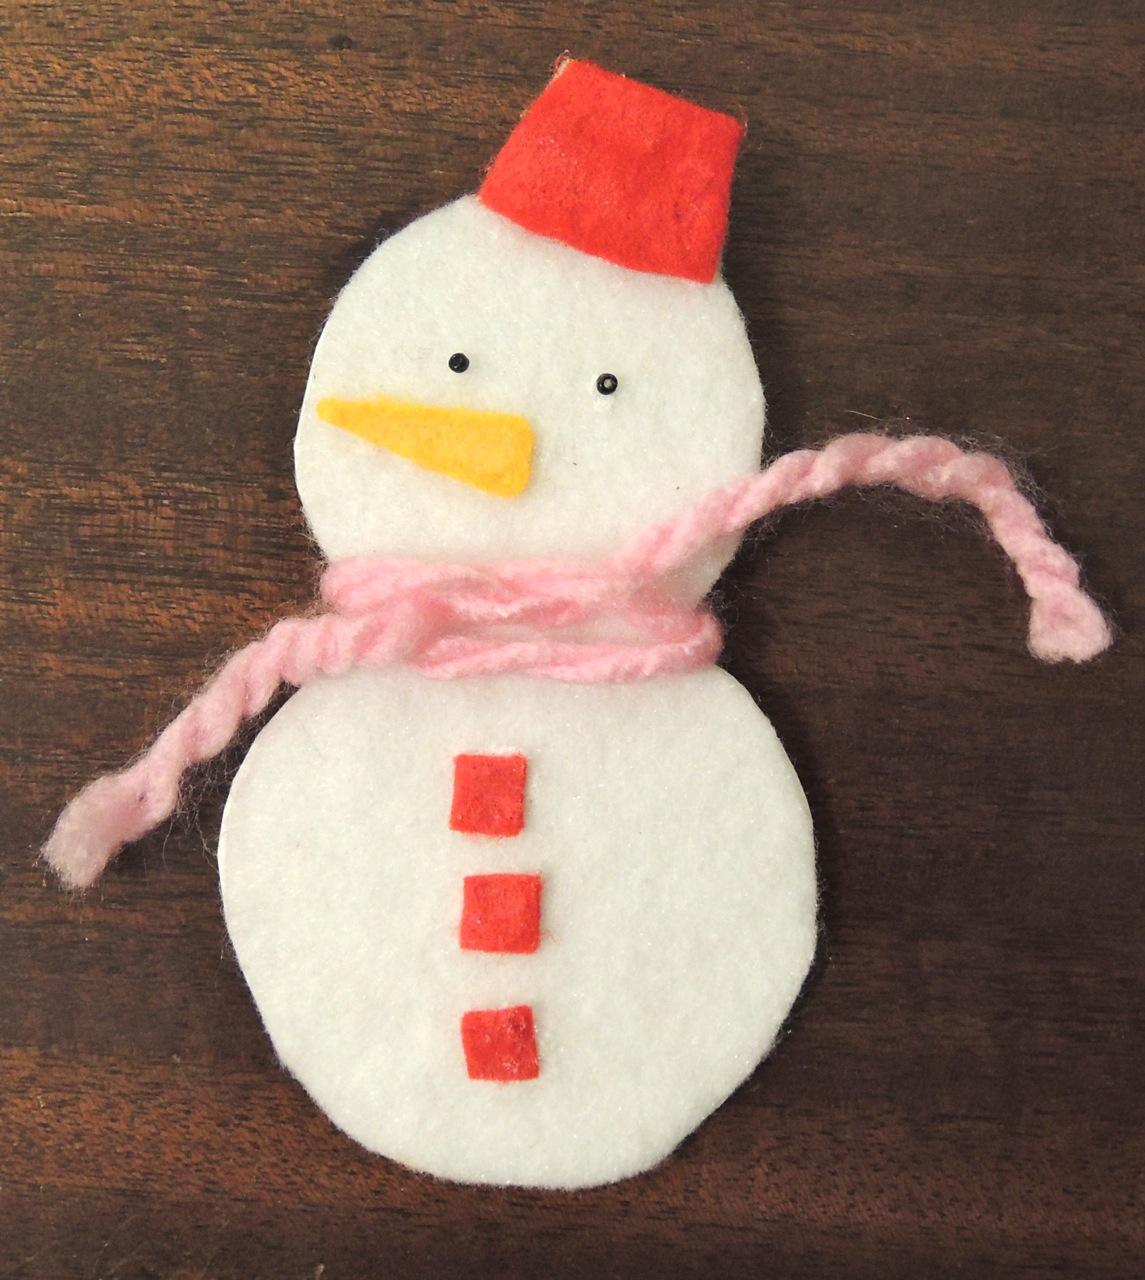 クリスマスツリーの飾り★子供と手作りしようアイデア集